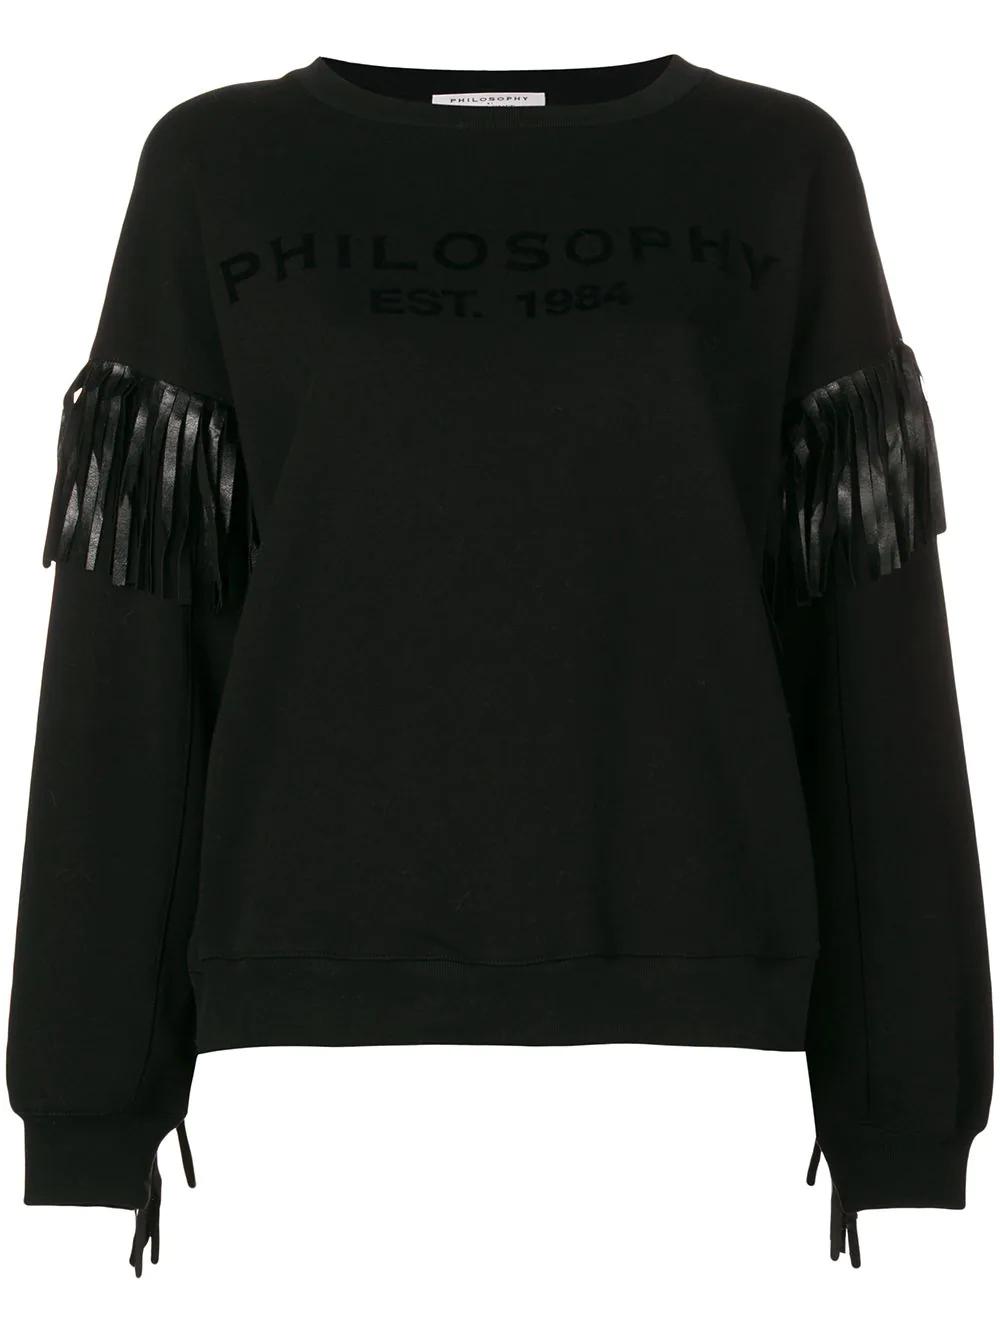 Philosophy di Lorenzo Serafini | свитер с бахромой | Clouty